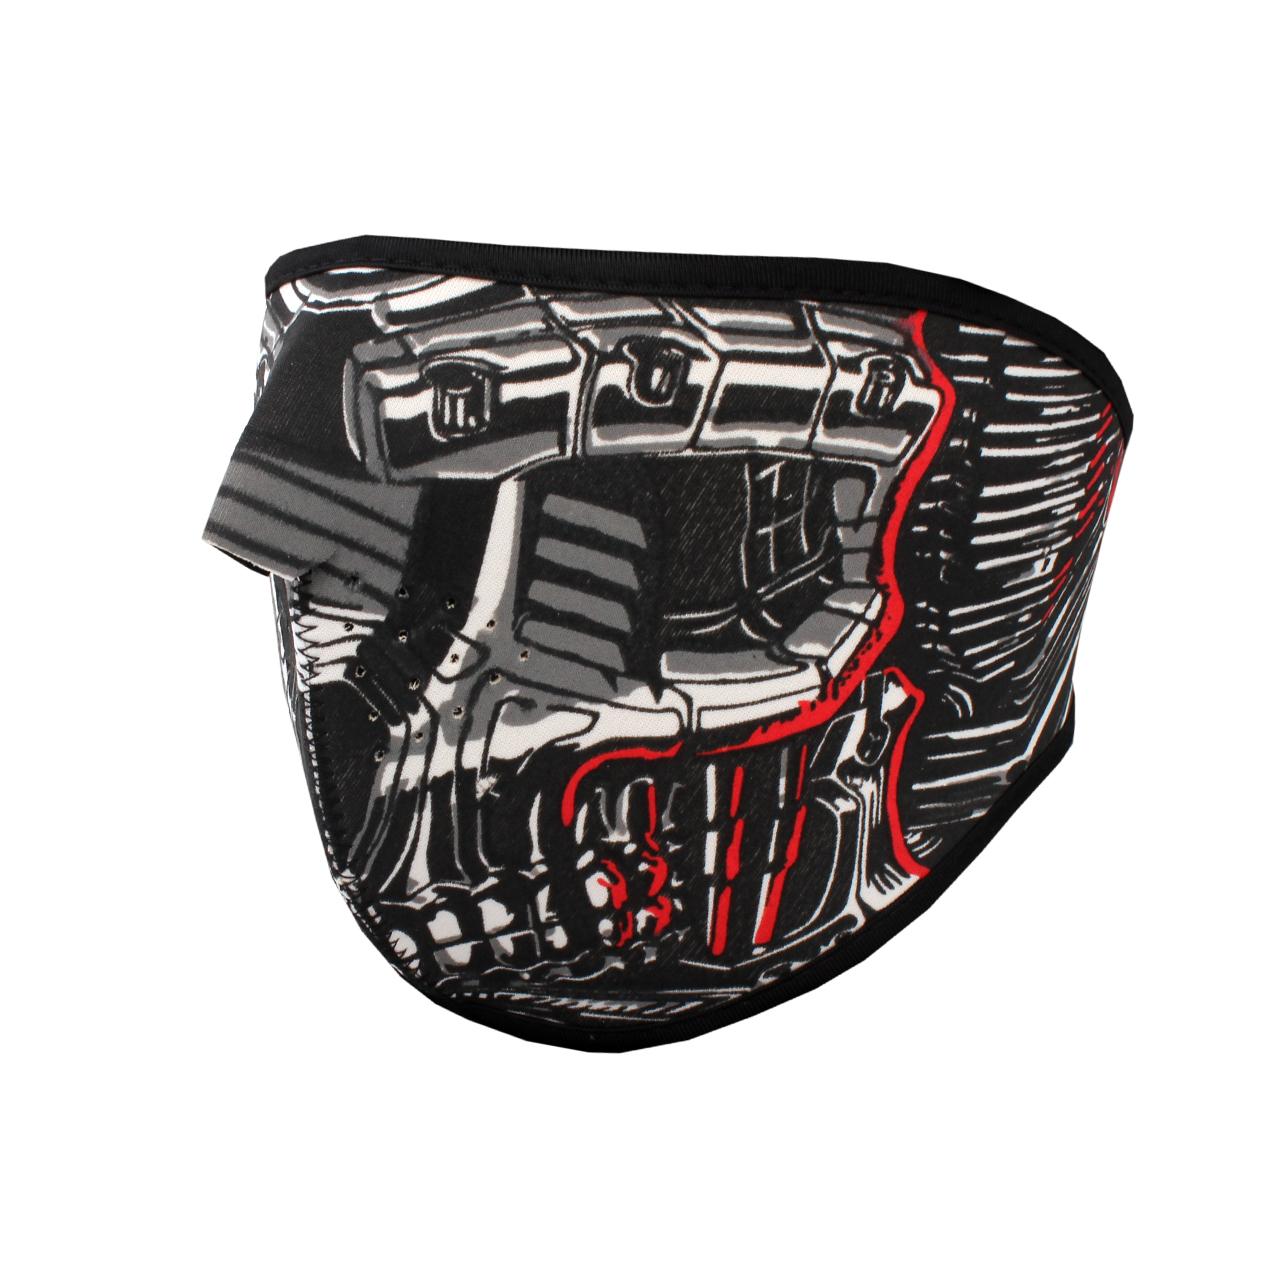 ماسک ورزشی مدل Glw Army 3